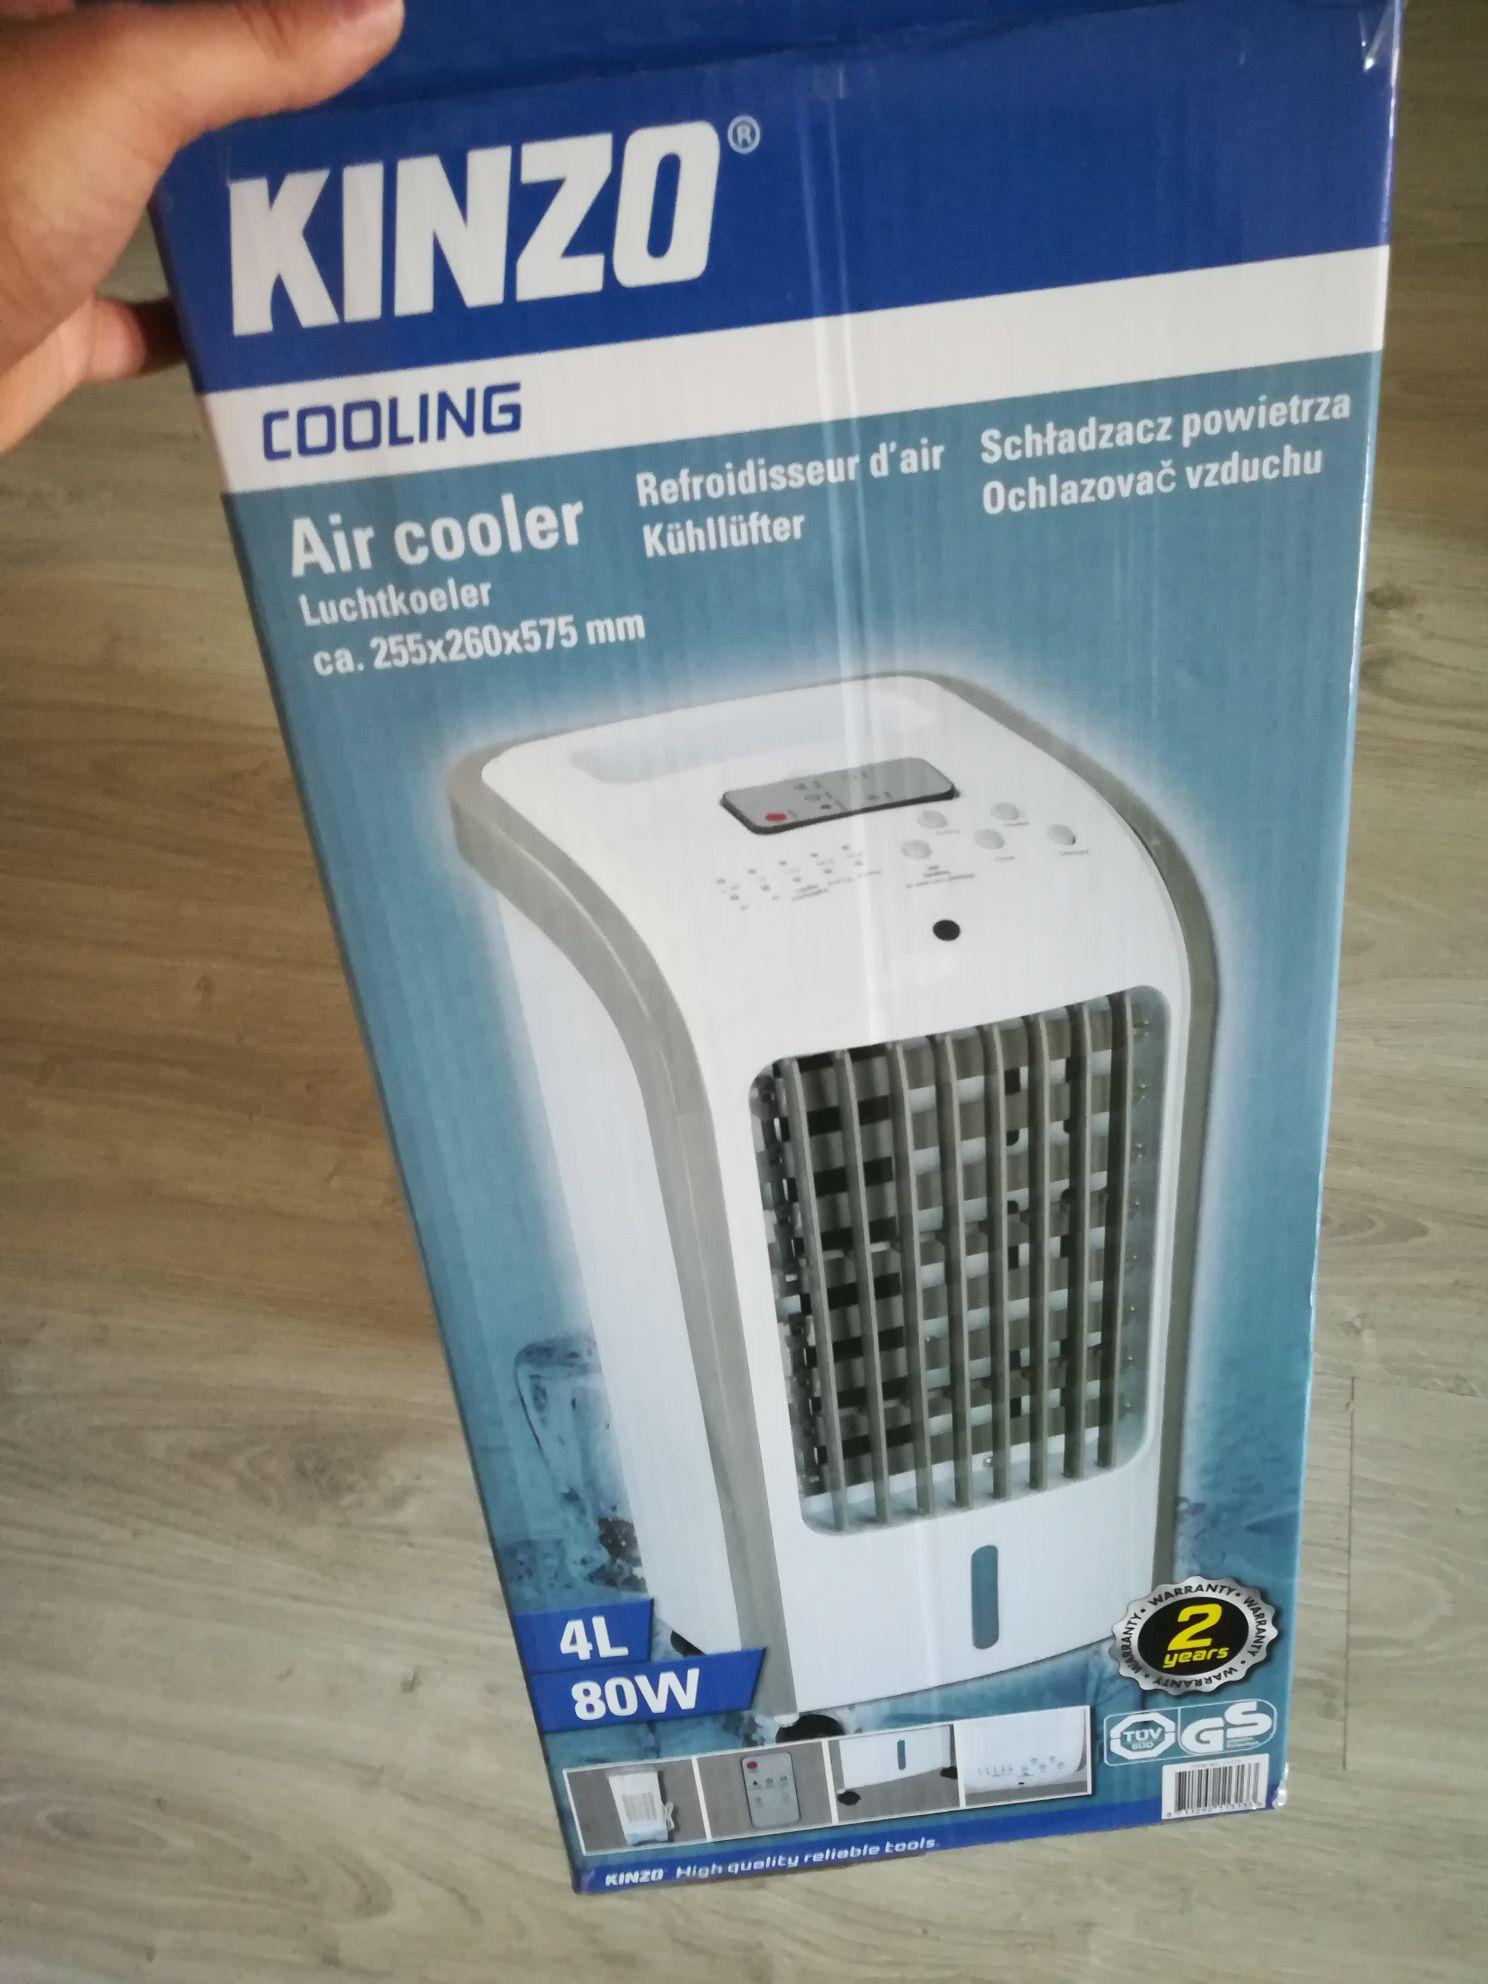 Kinzo Air Cooler @ action